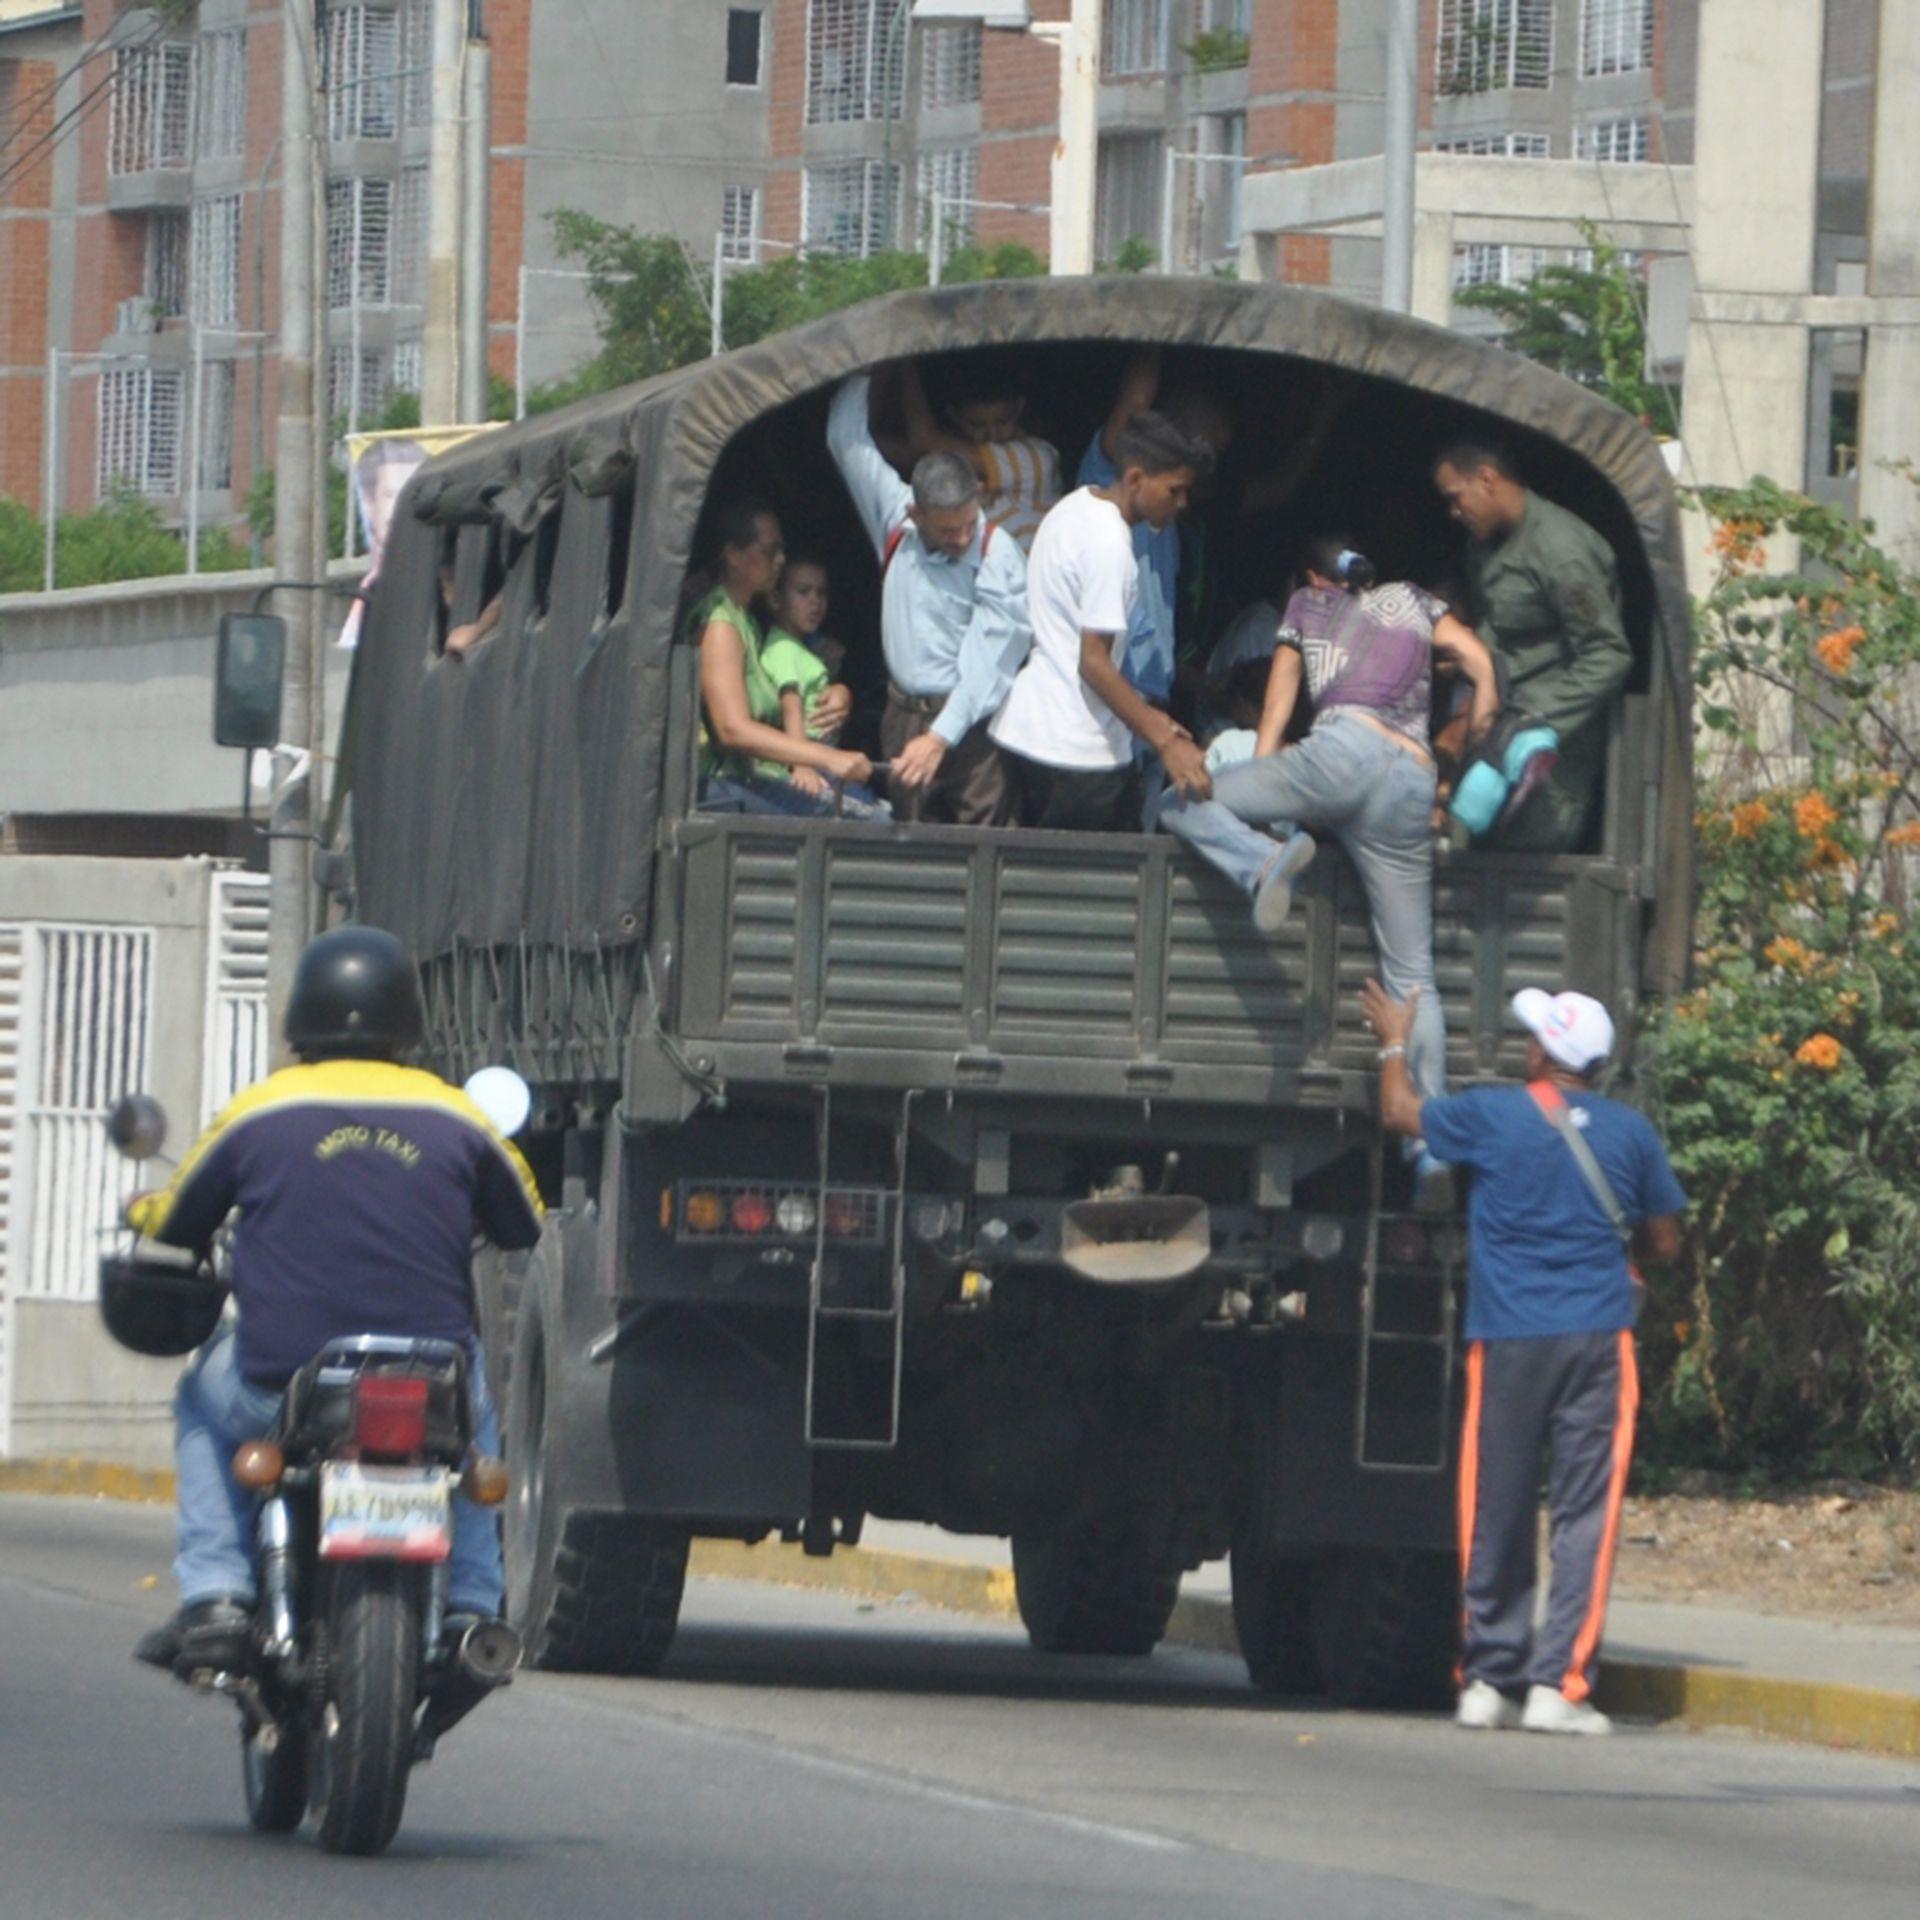 Perrera en un sector del oeste de Caracas (Foto: Elizabeth Ostos)